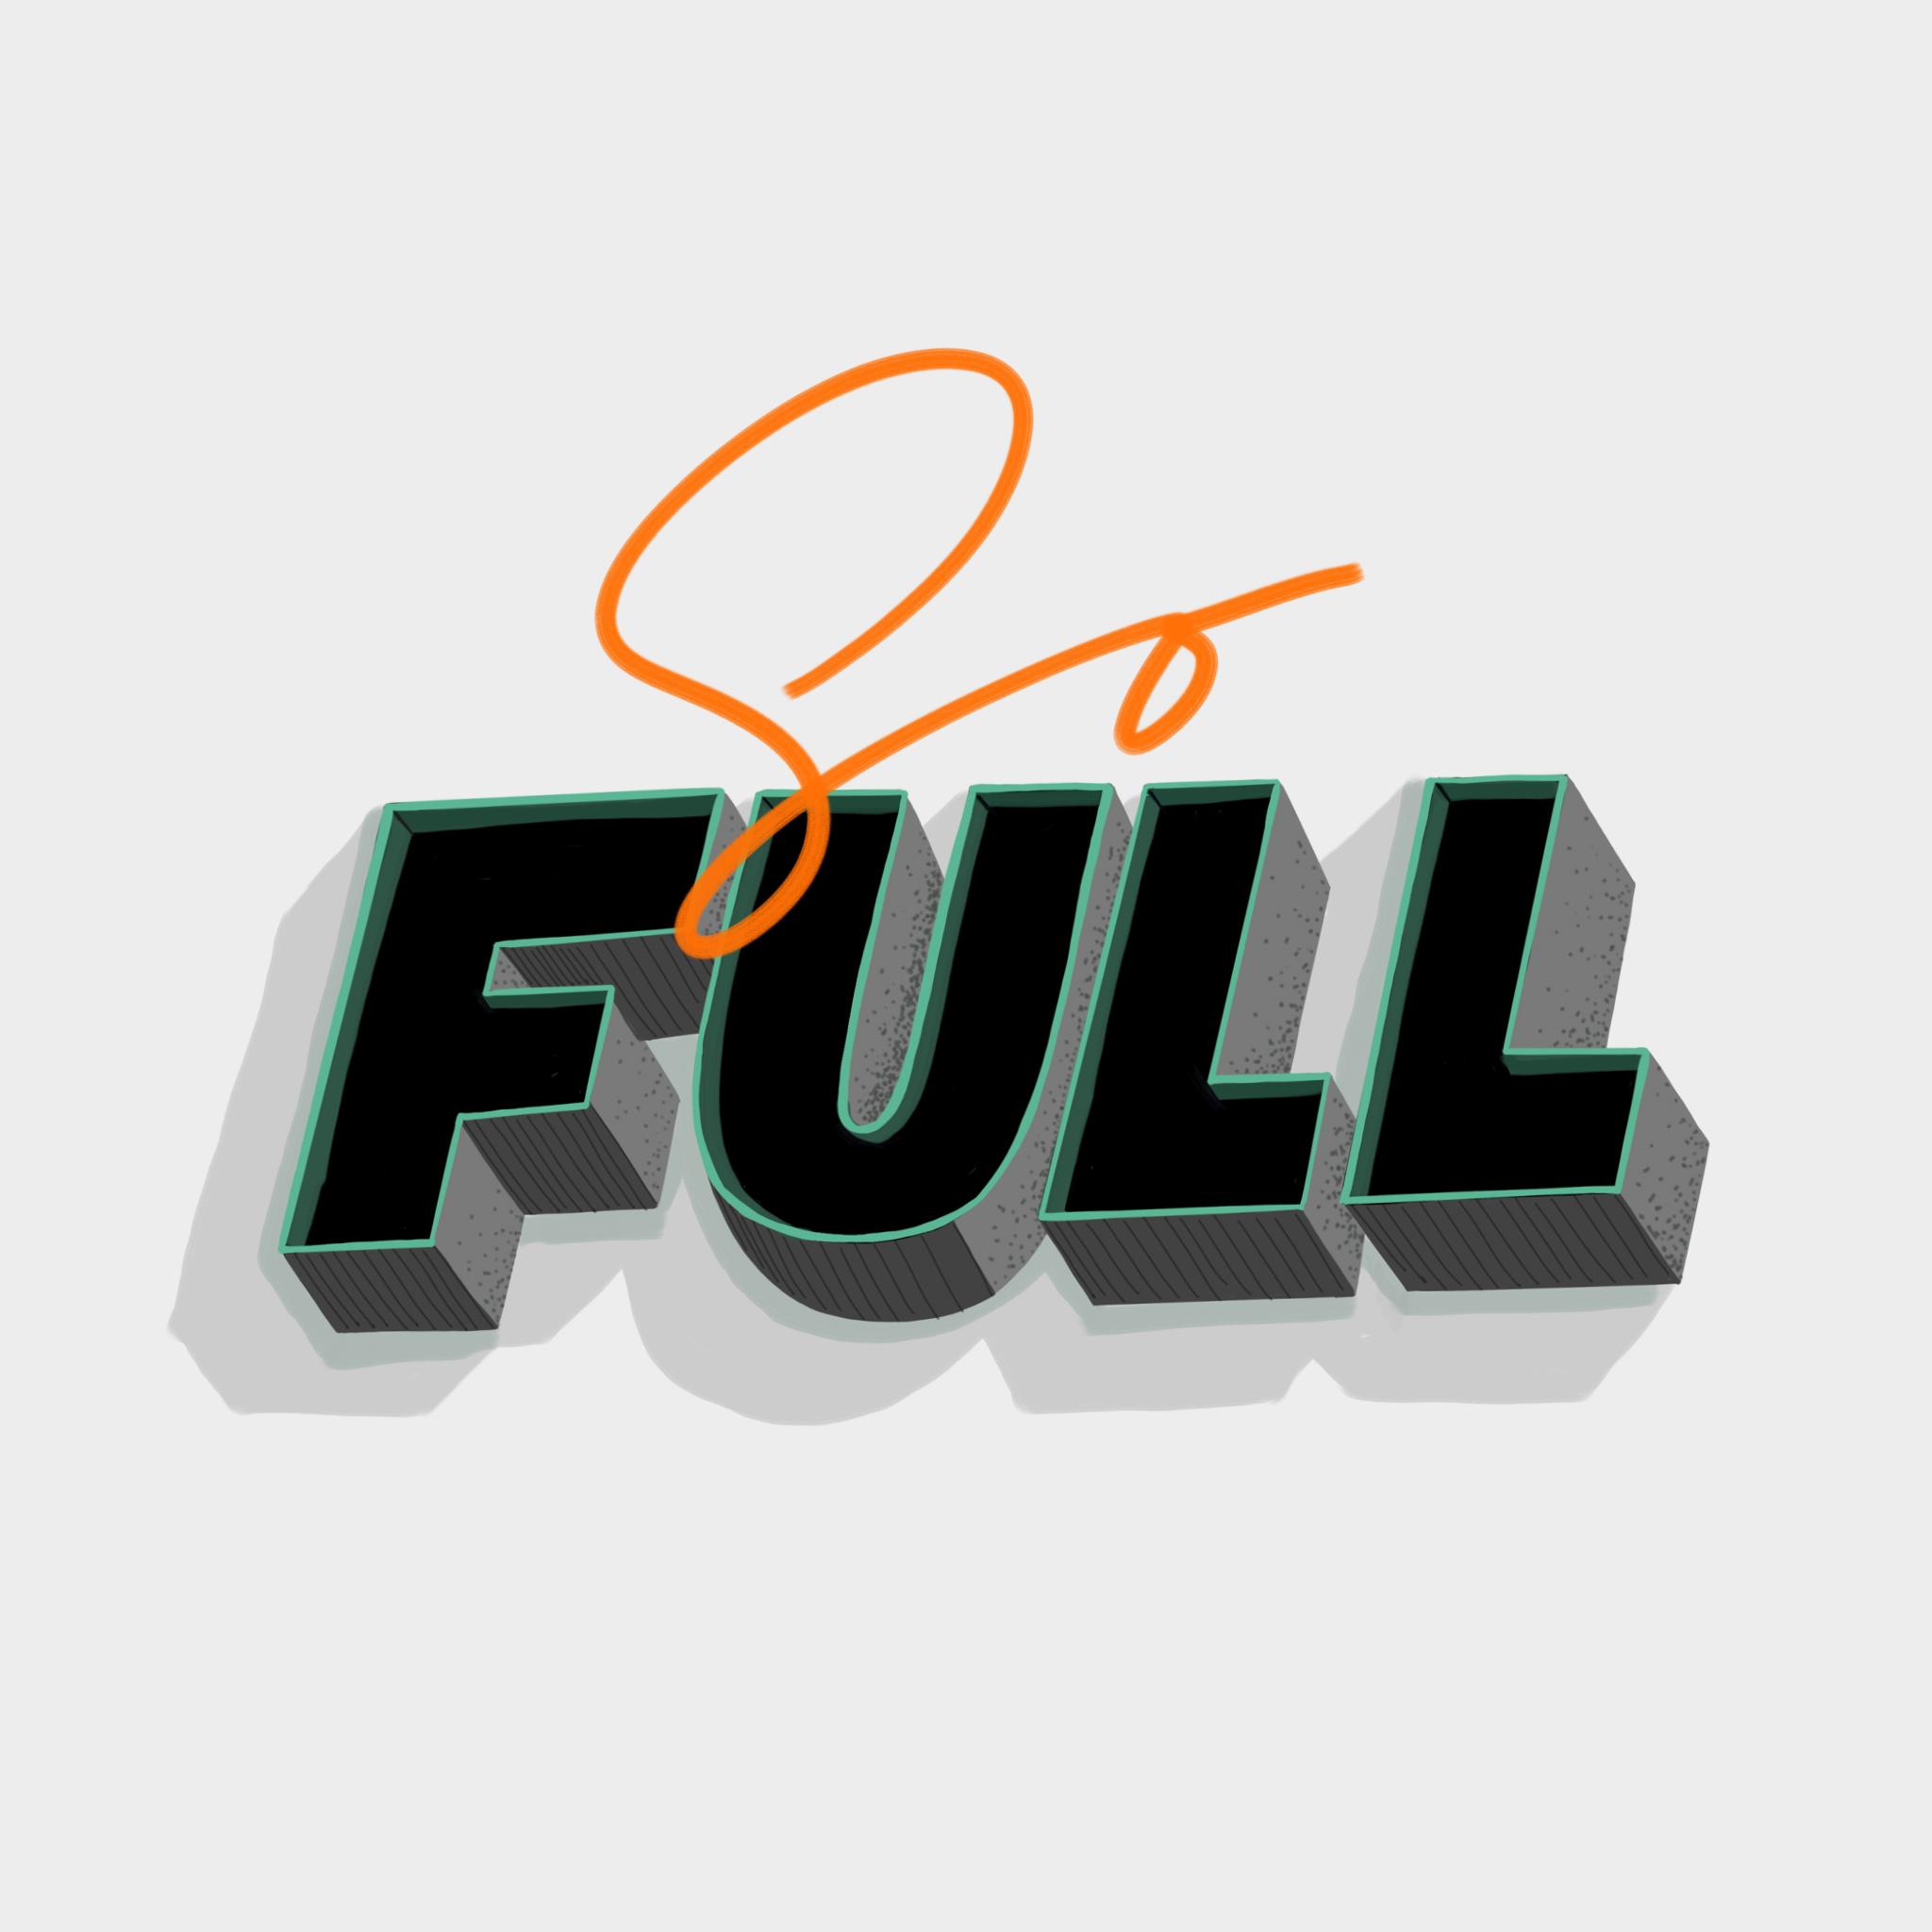 RJP_3D_So_Full.jpg